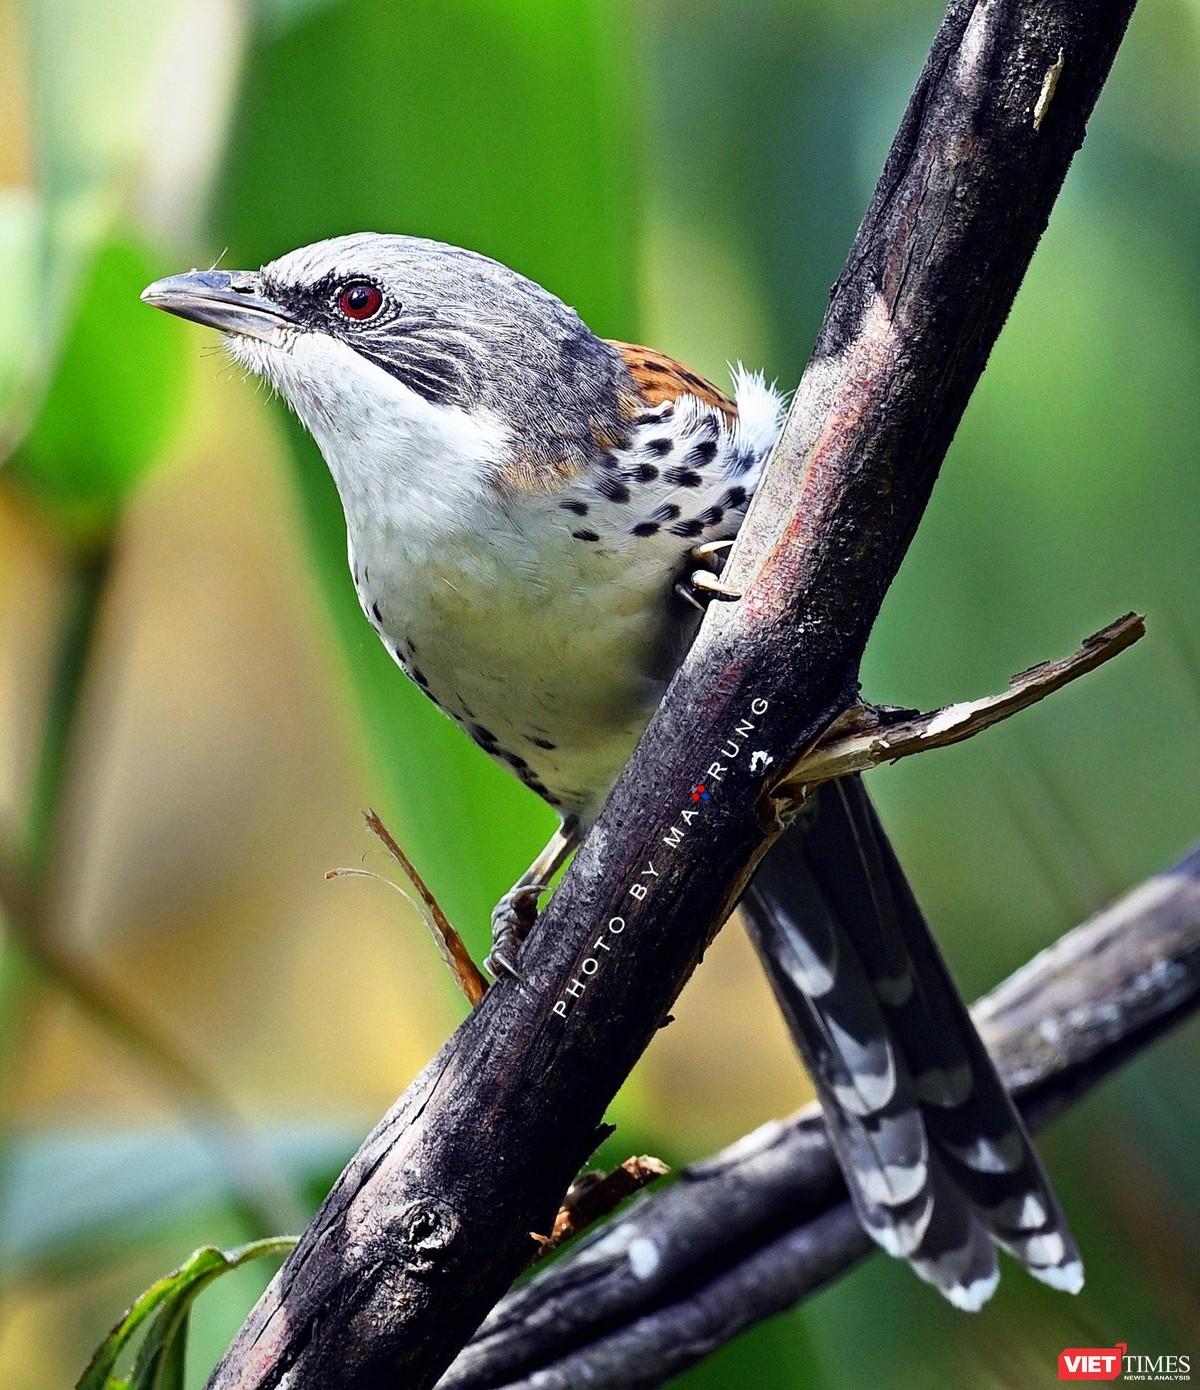 Săn ảnh chim với Ma Rừng và Phù Thủy ảnh 6